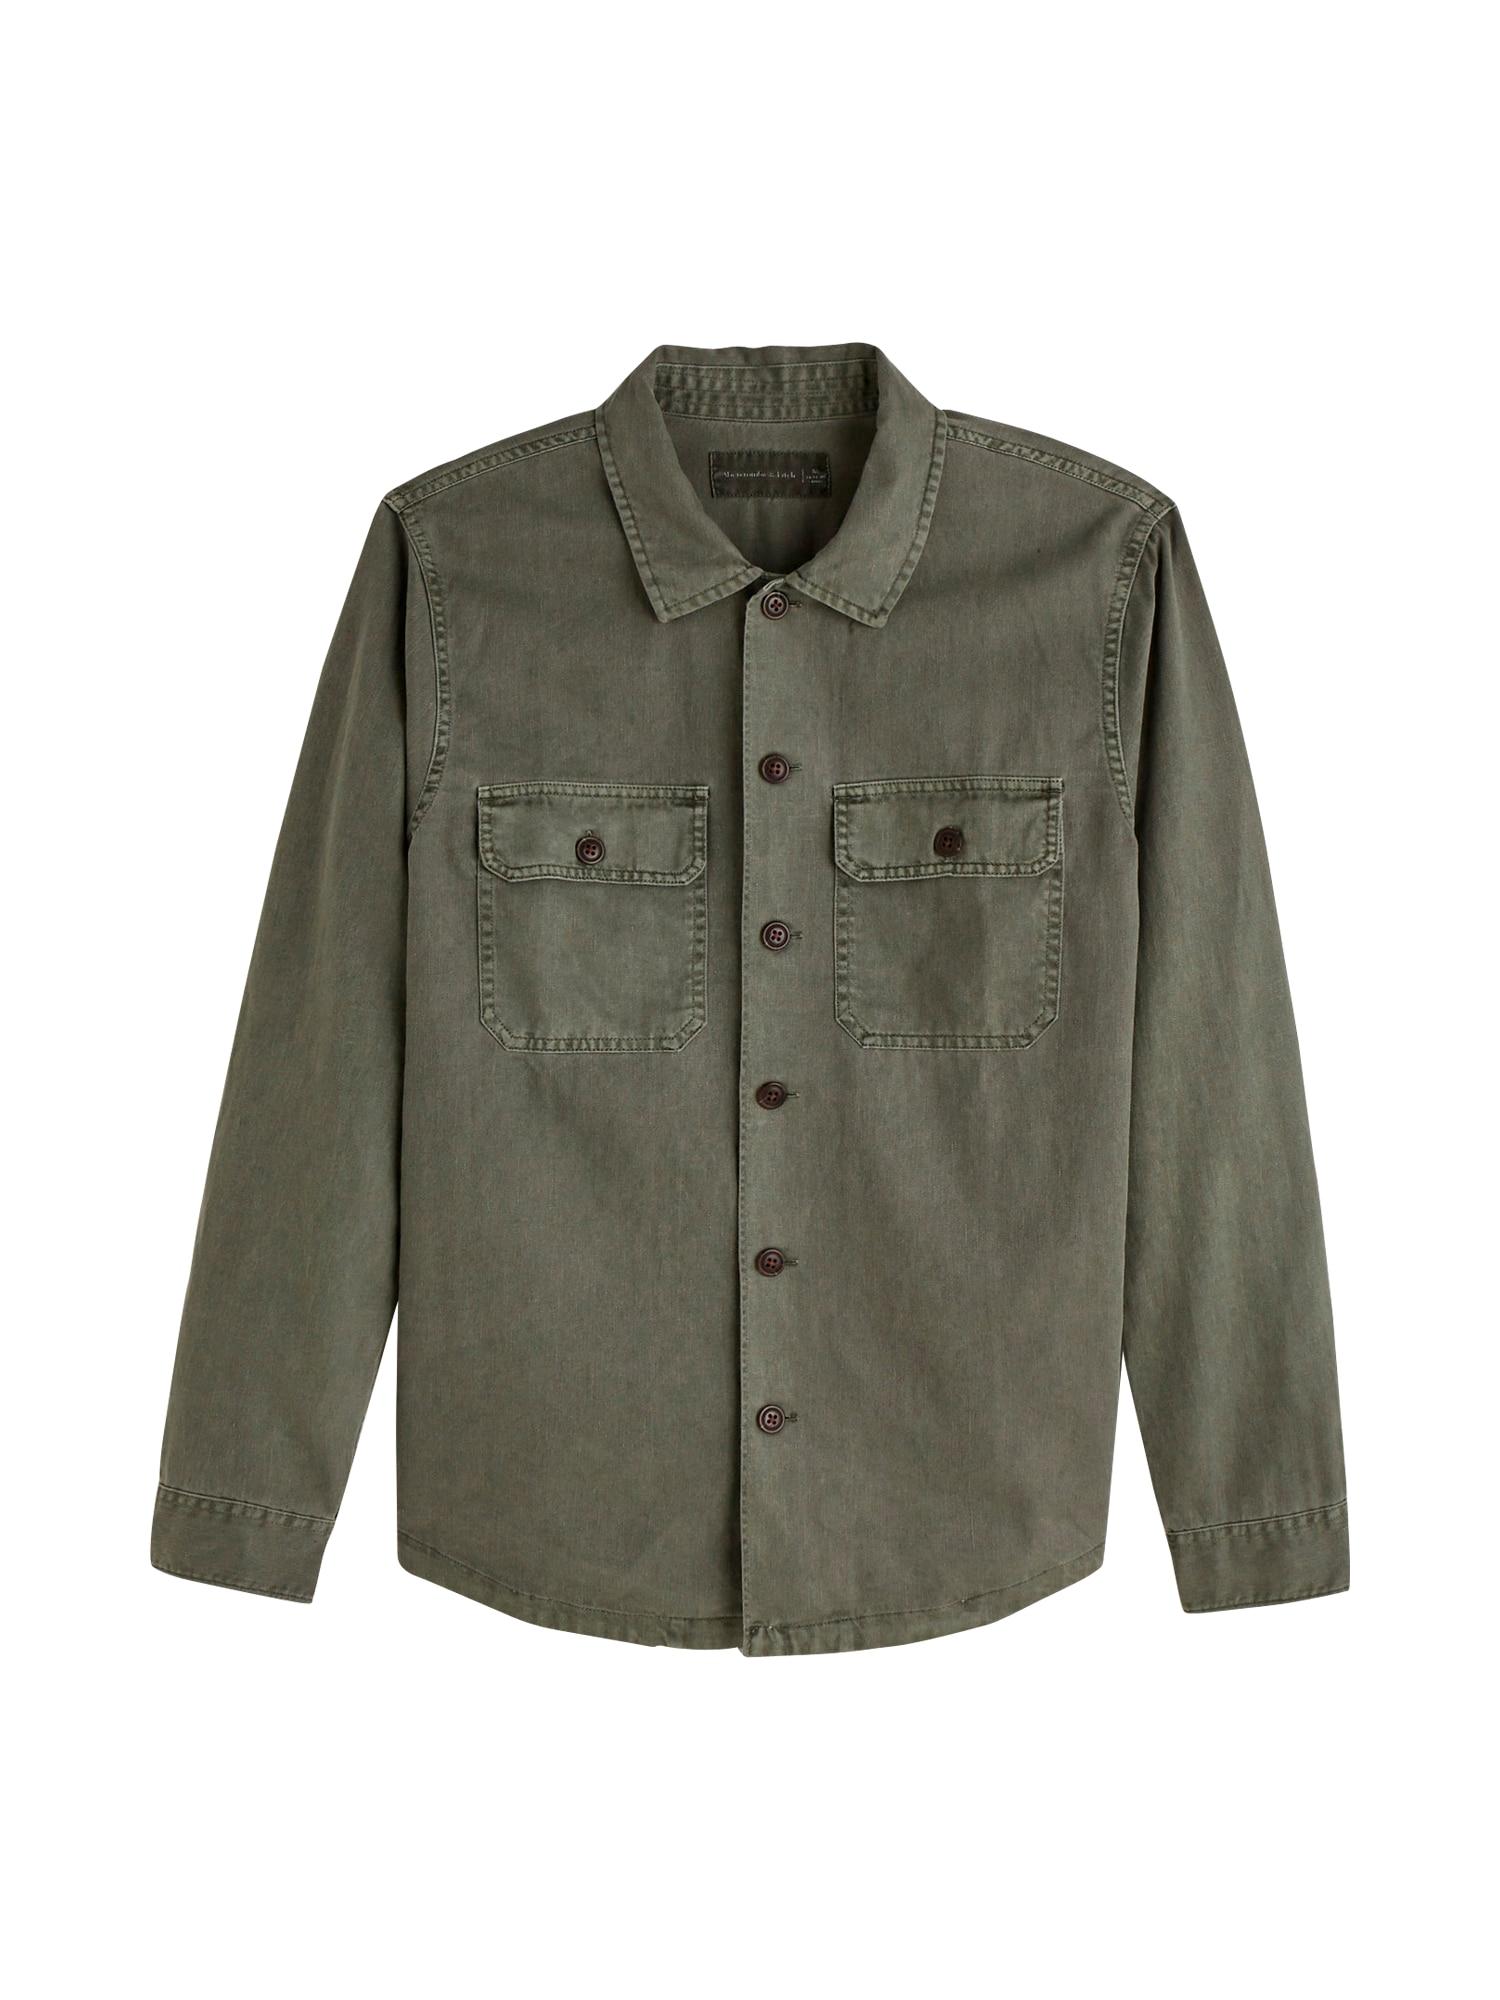 Abercrombie & Fitch Dalykiniai marškiniai alyvuogių spalva